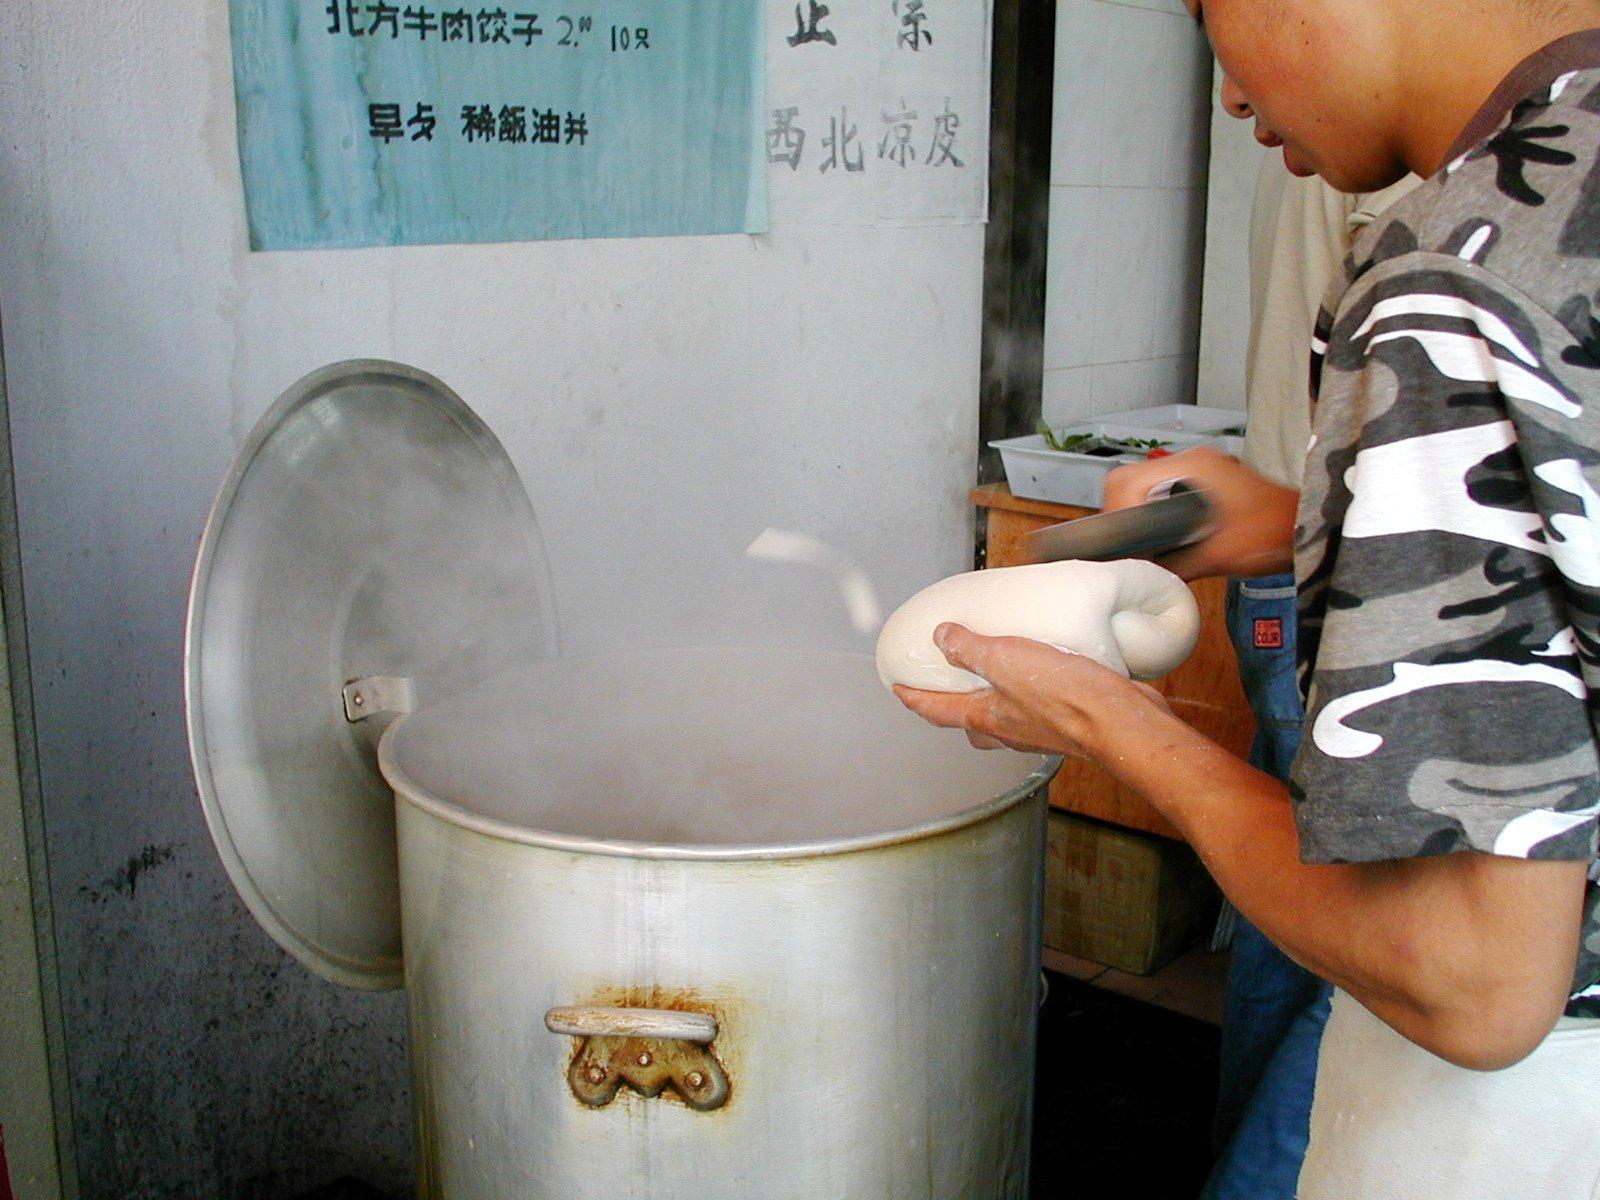 蘇州のラーメン屋さん、削りながら鍋に入れています